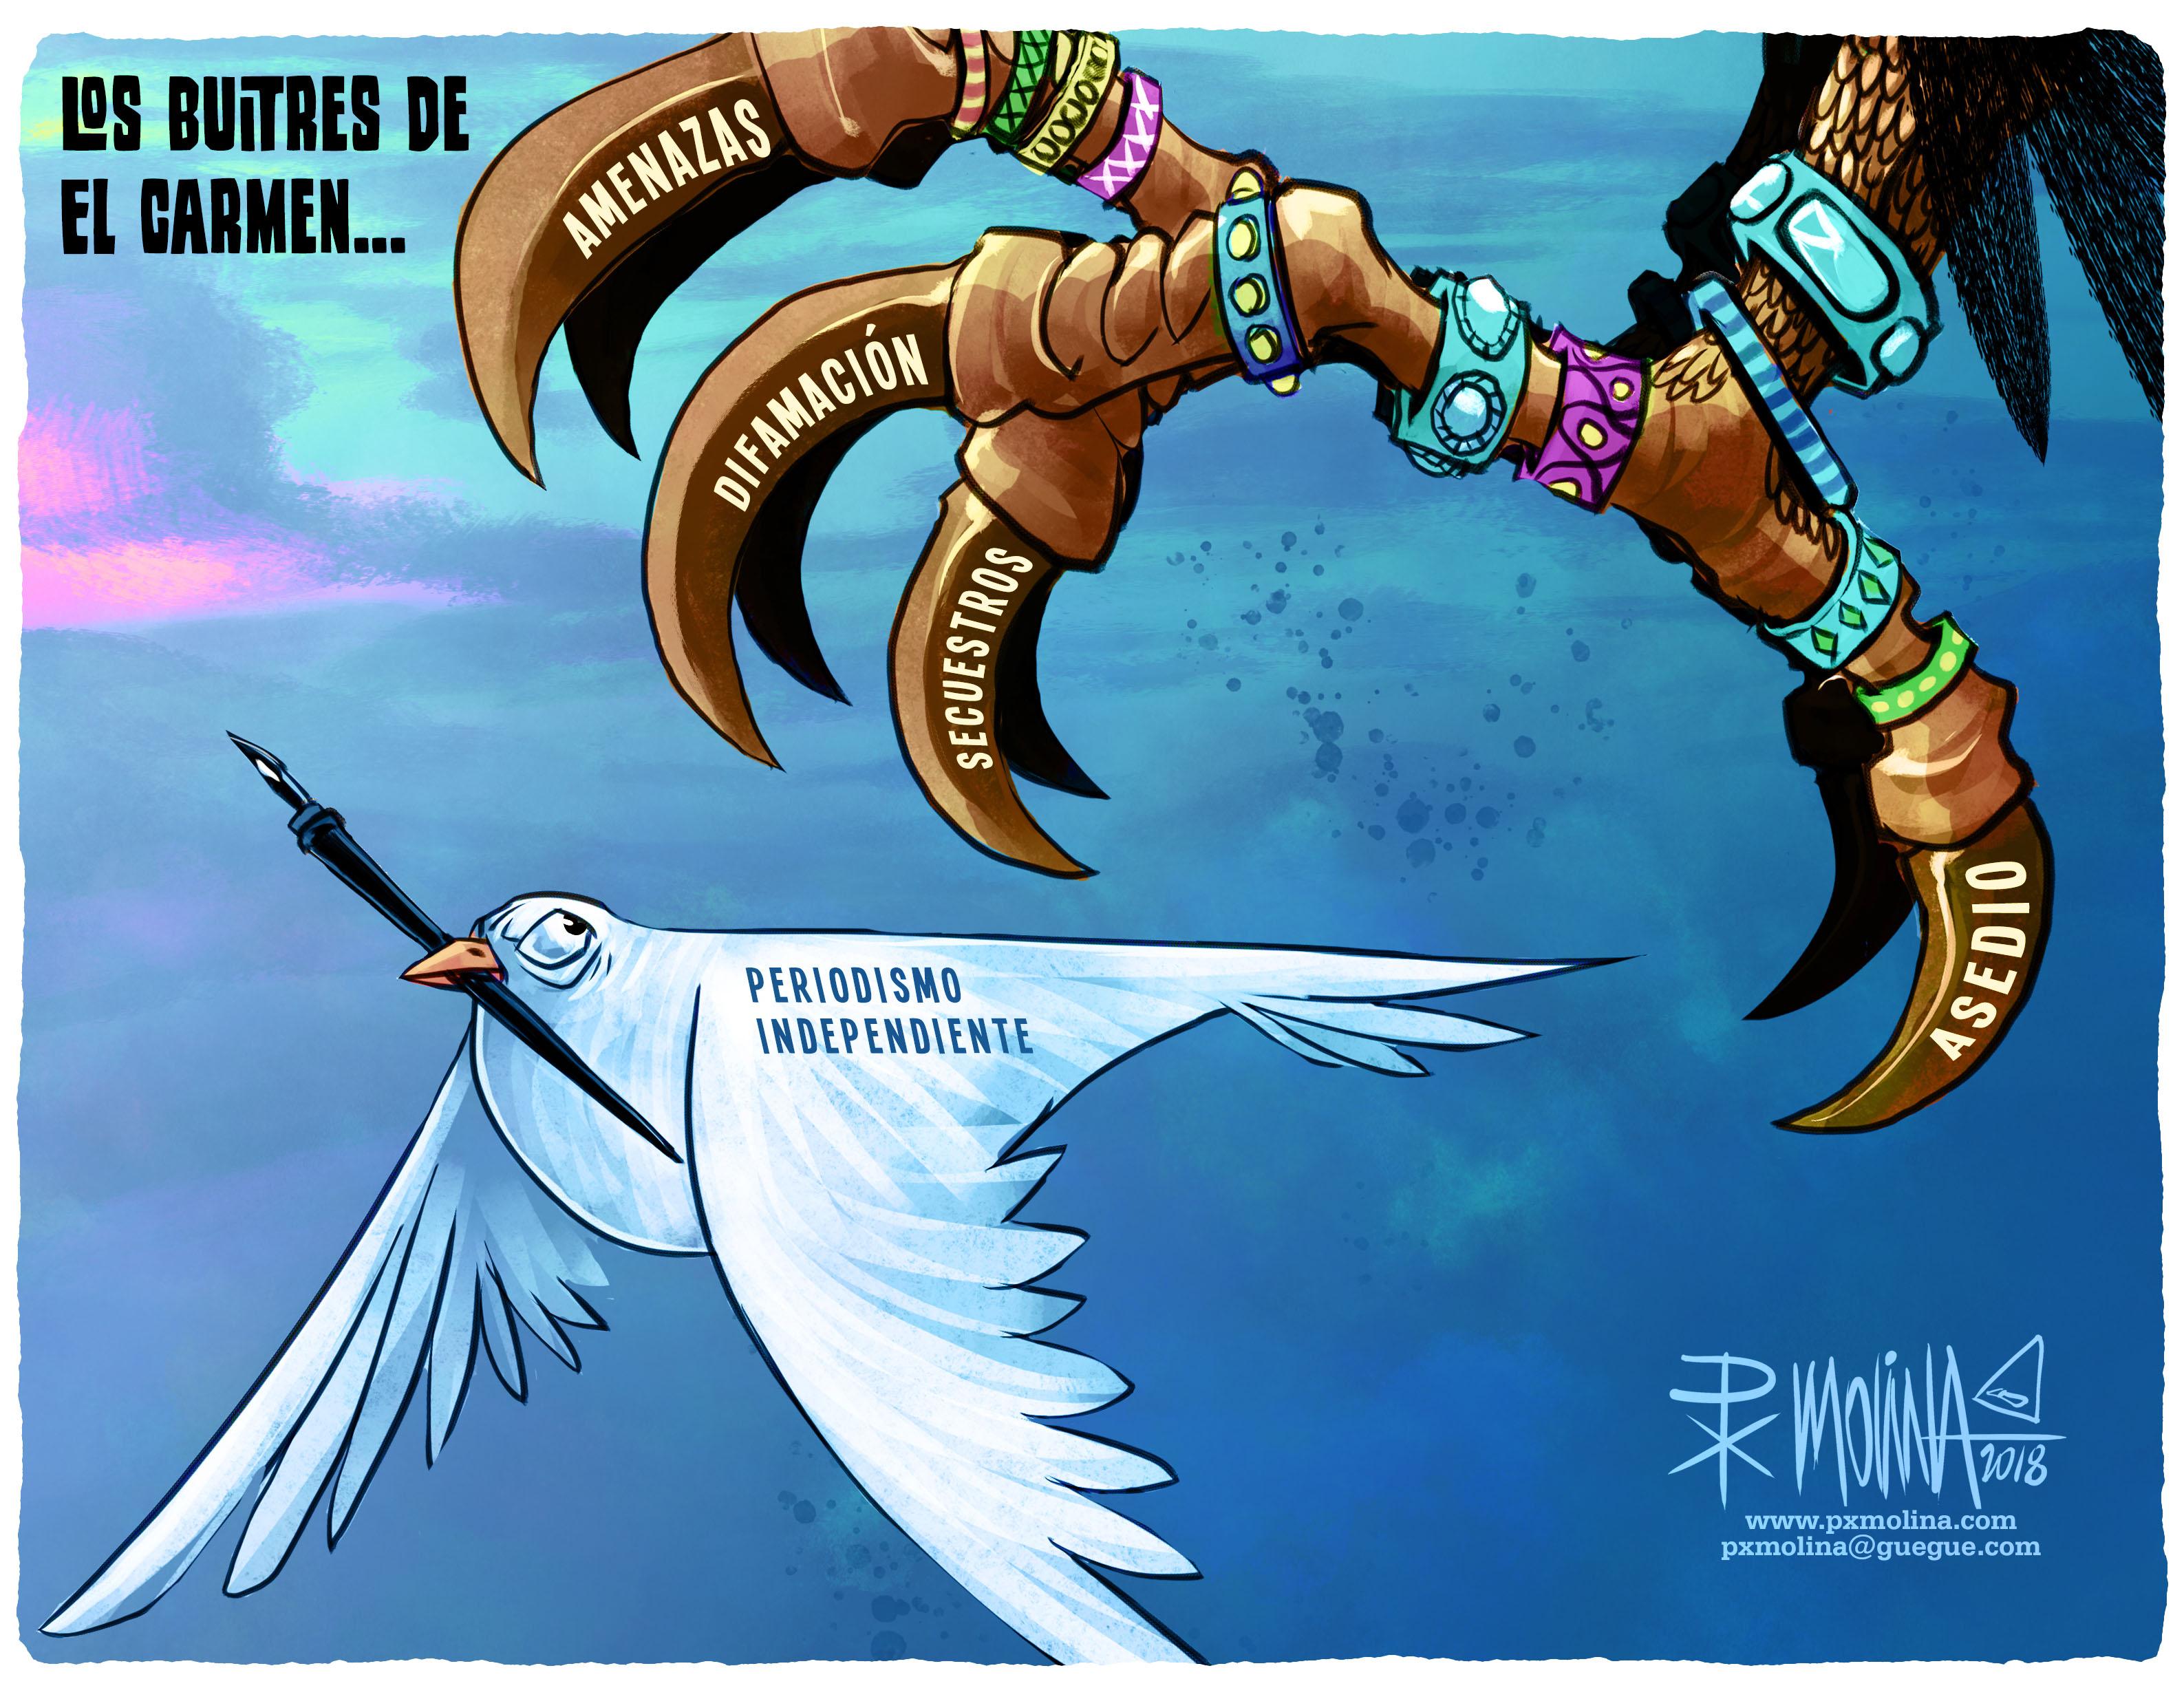 La libertad de prensa, en gran peligro en Nicaragua. Un fin de año negro para los periodistas independientes | Reporteros sin fronteras